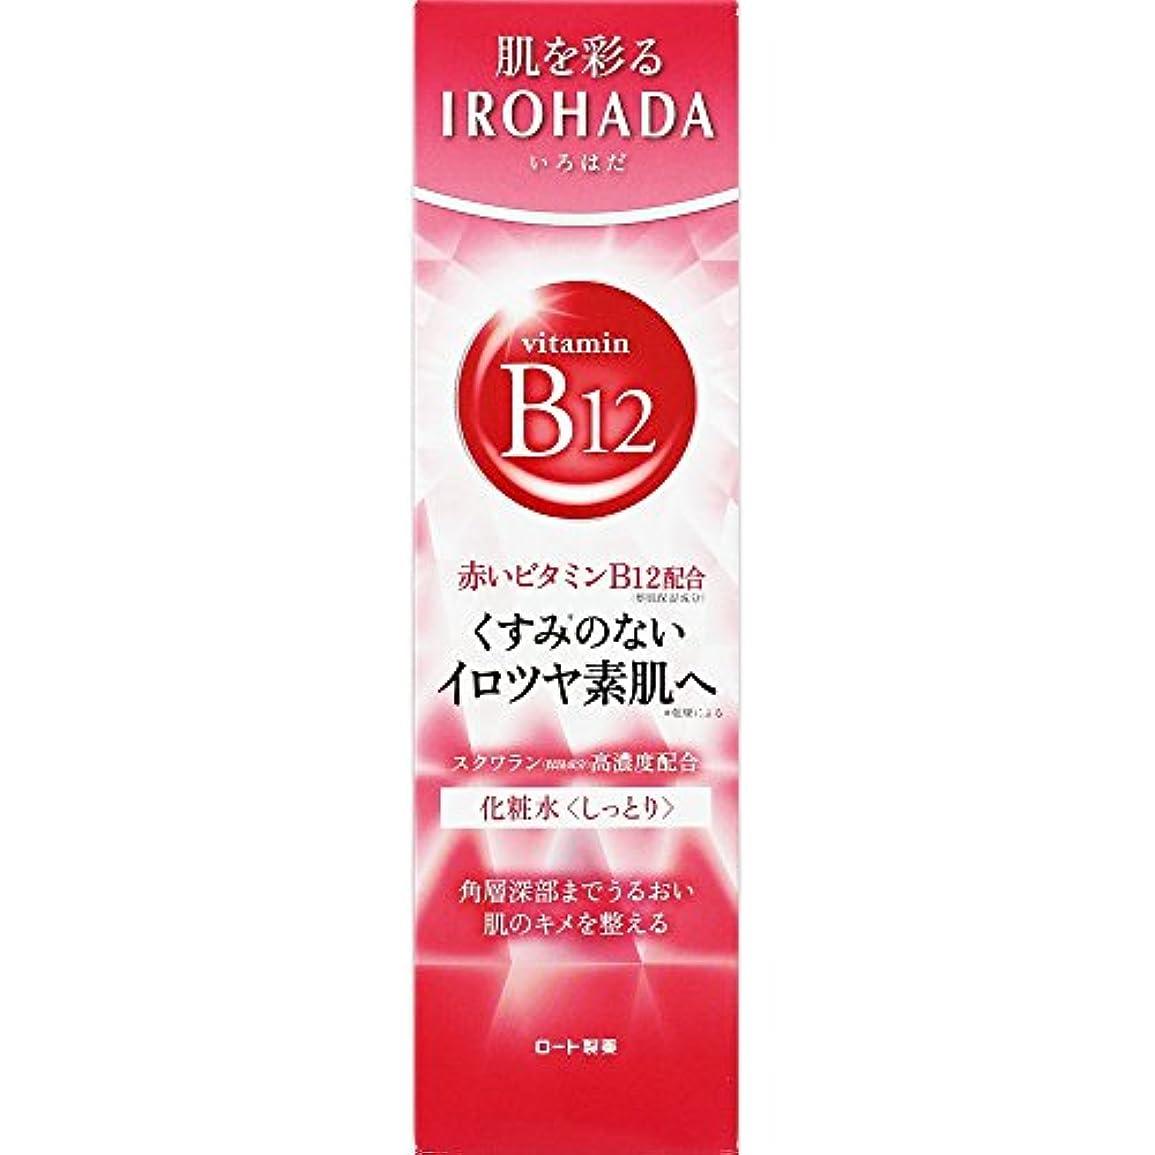 セクタしなやかマークダウンロート製薬 いろはだ (IROHADA) 赤いビタミンB12×スクワラン配合 化粧水しっとり 160ml